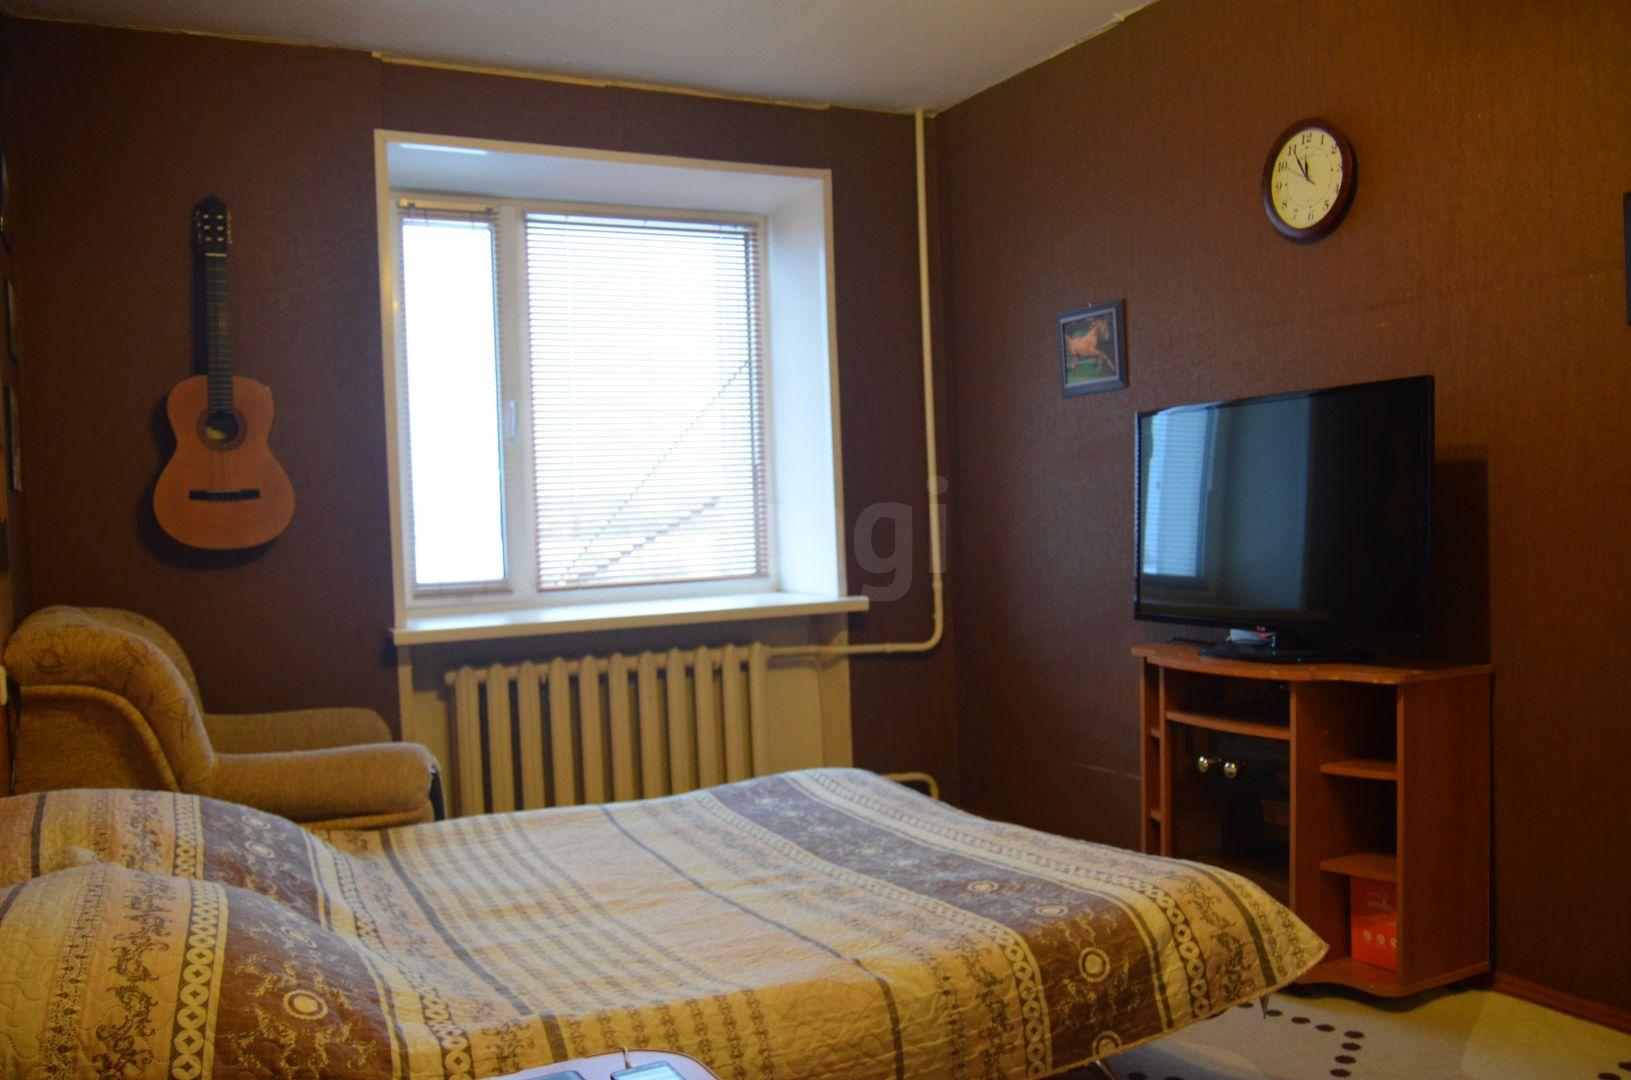 Продается четырехкомнатная квартира за 3 665 000 рублей. Панева-Ручейная, ул. Ручейная, д. 40 (2.5 км до центра).